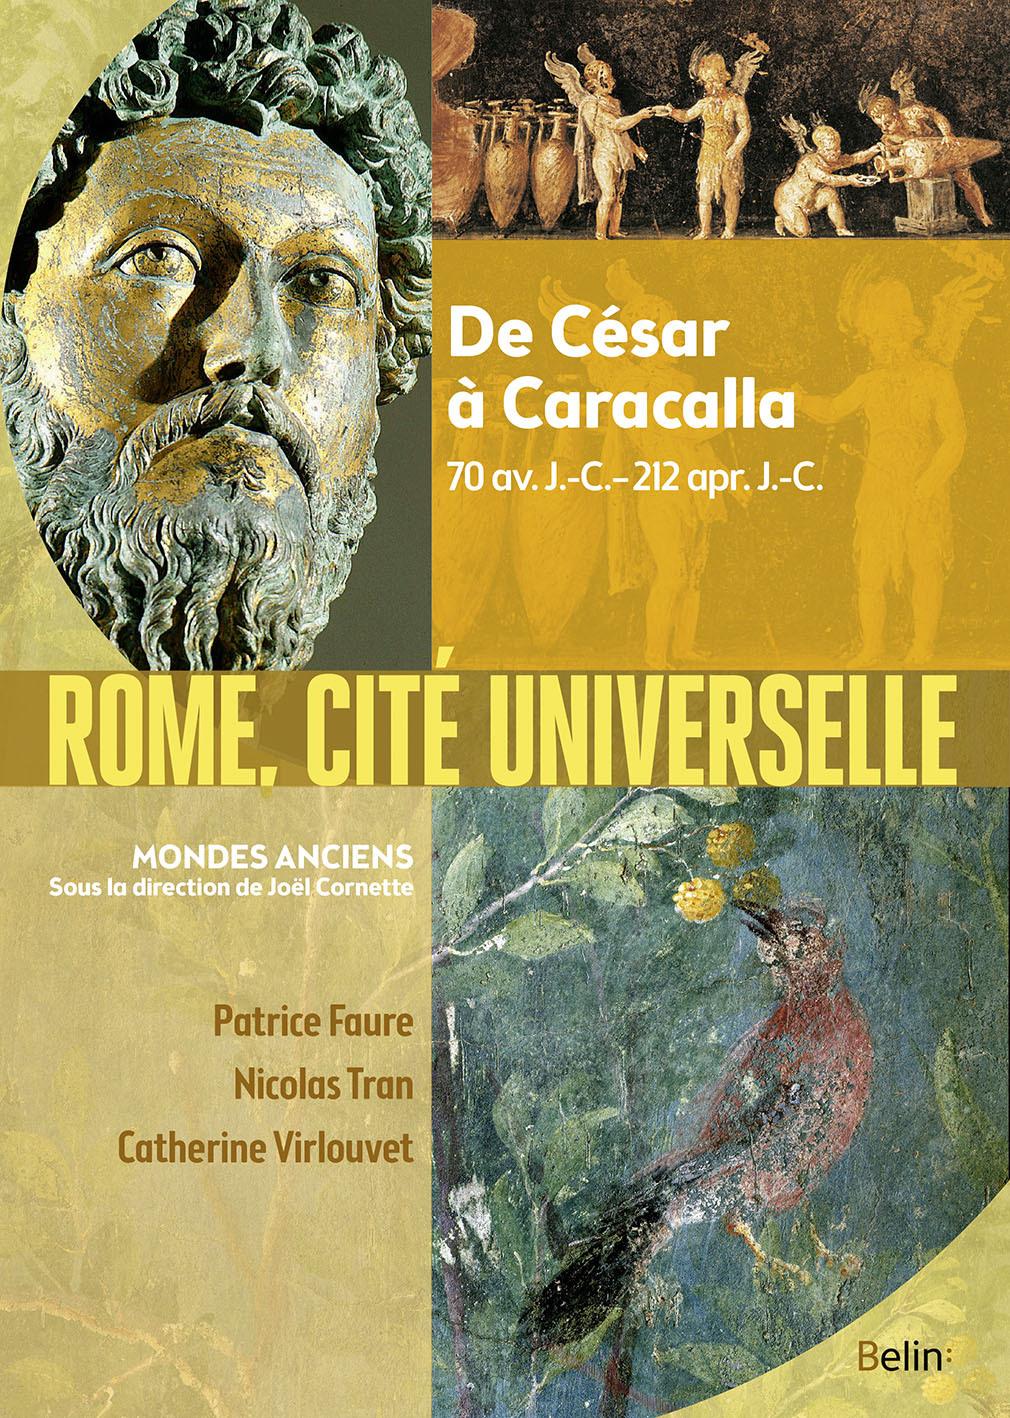 ROME.CITE UNIVERSELLE - DE CESAR A CARACALLA-70 AV.J.-C.-212 APR.J.-C